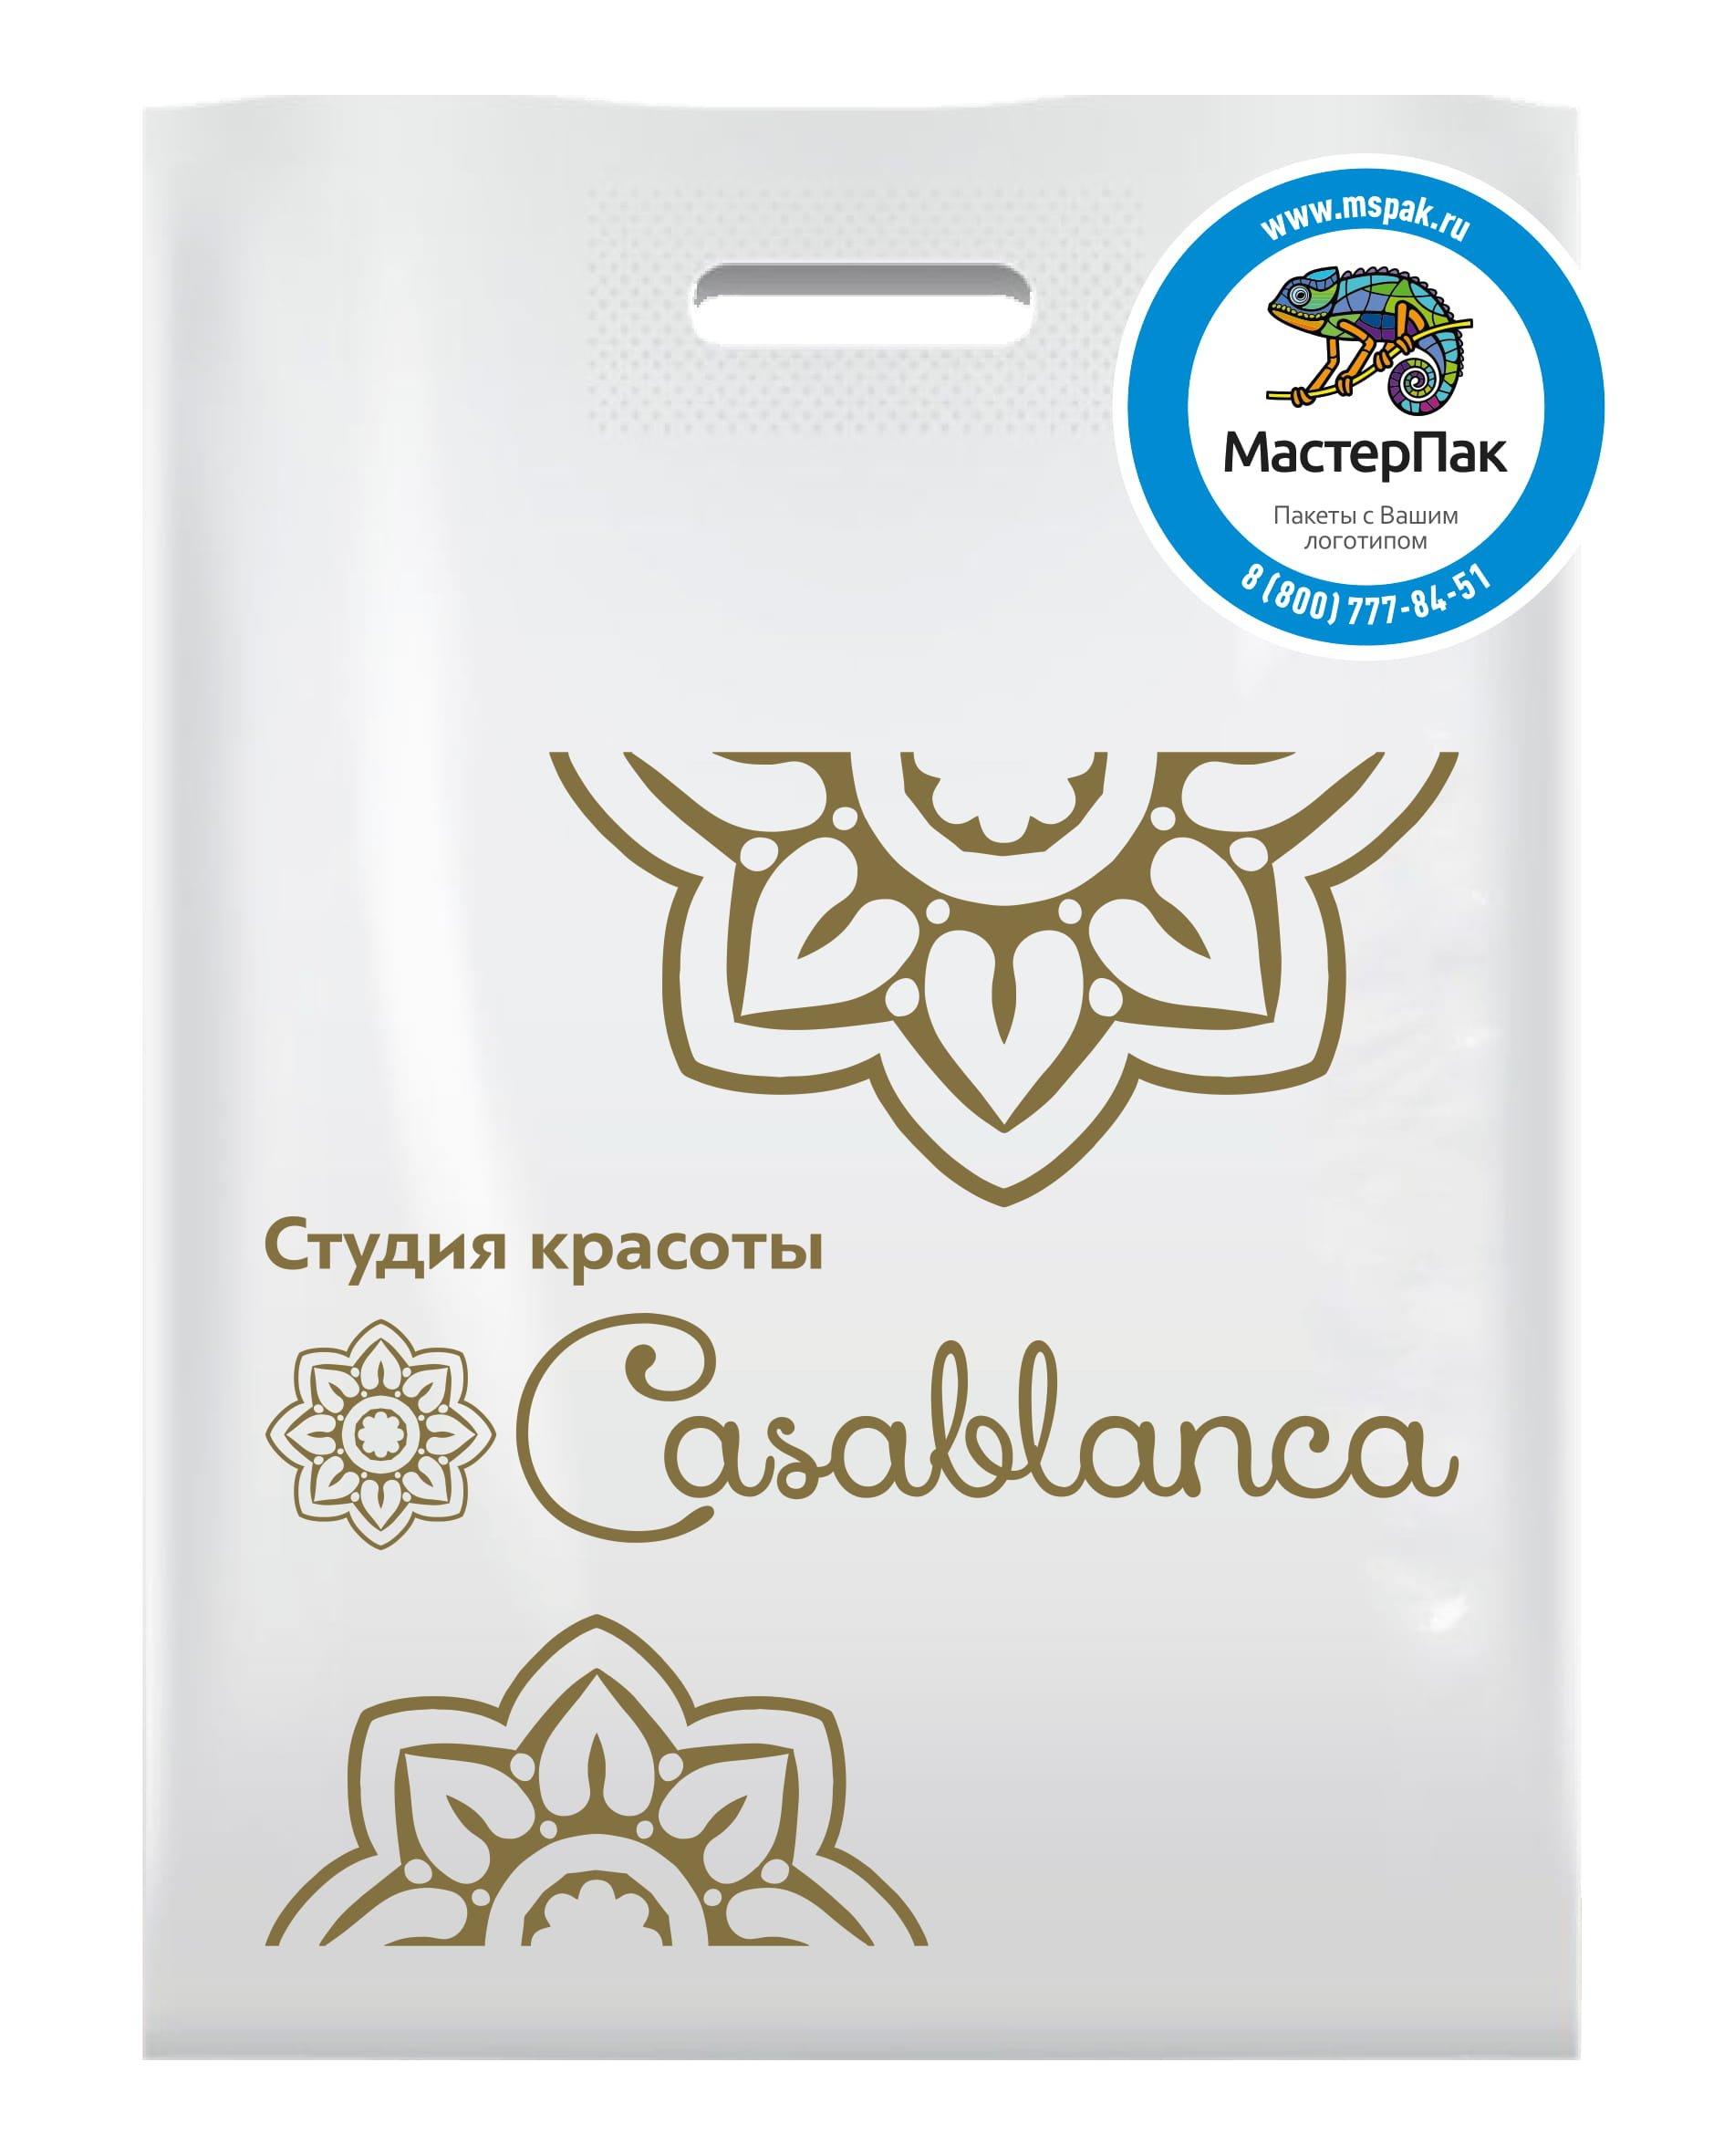 Пакет ПВД с логотипом Casablanca, 70 мкм, 30*40, белый